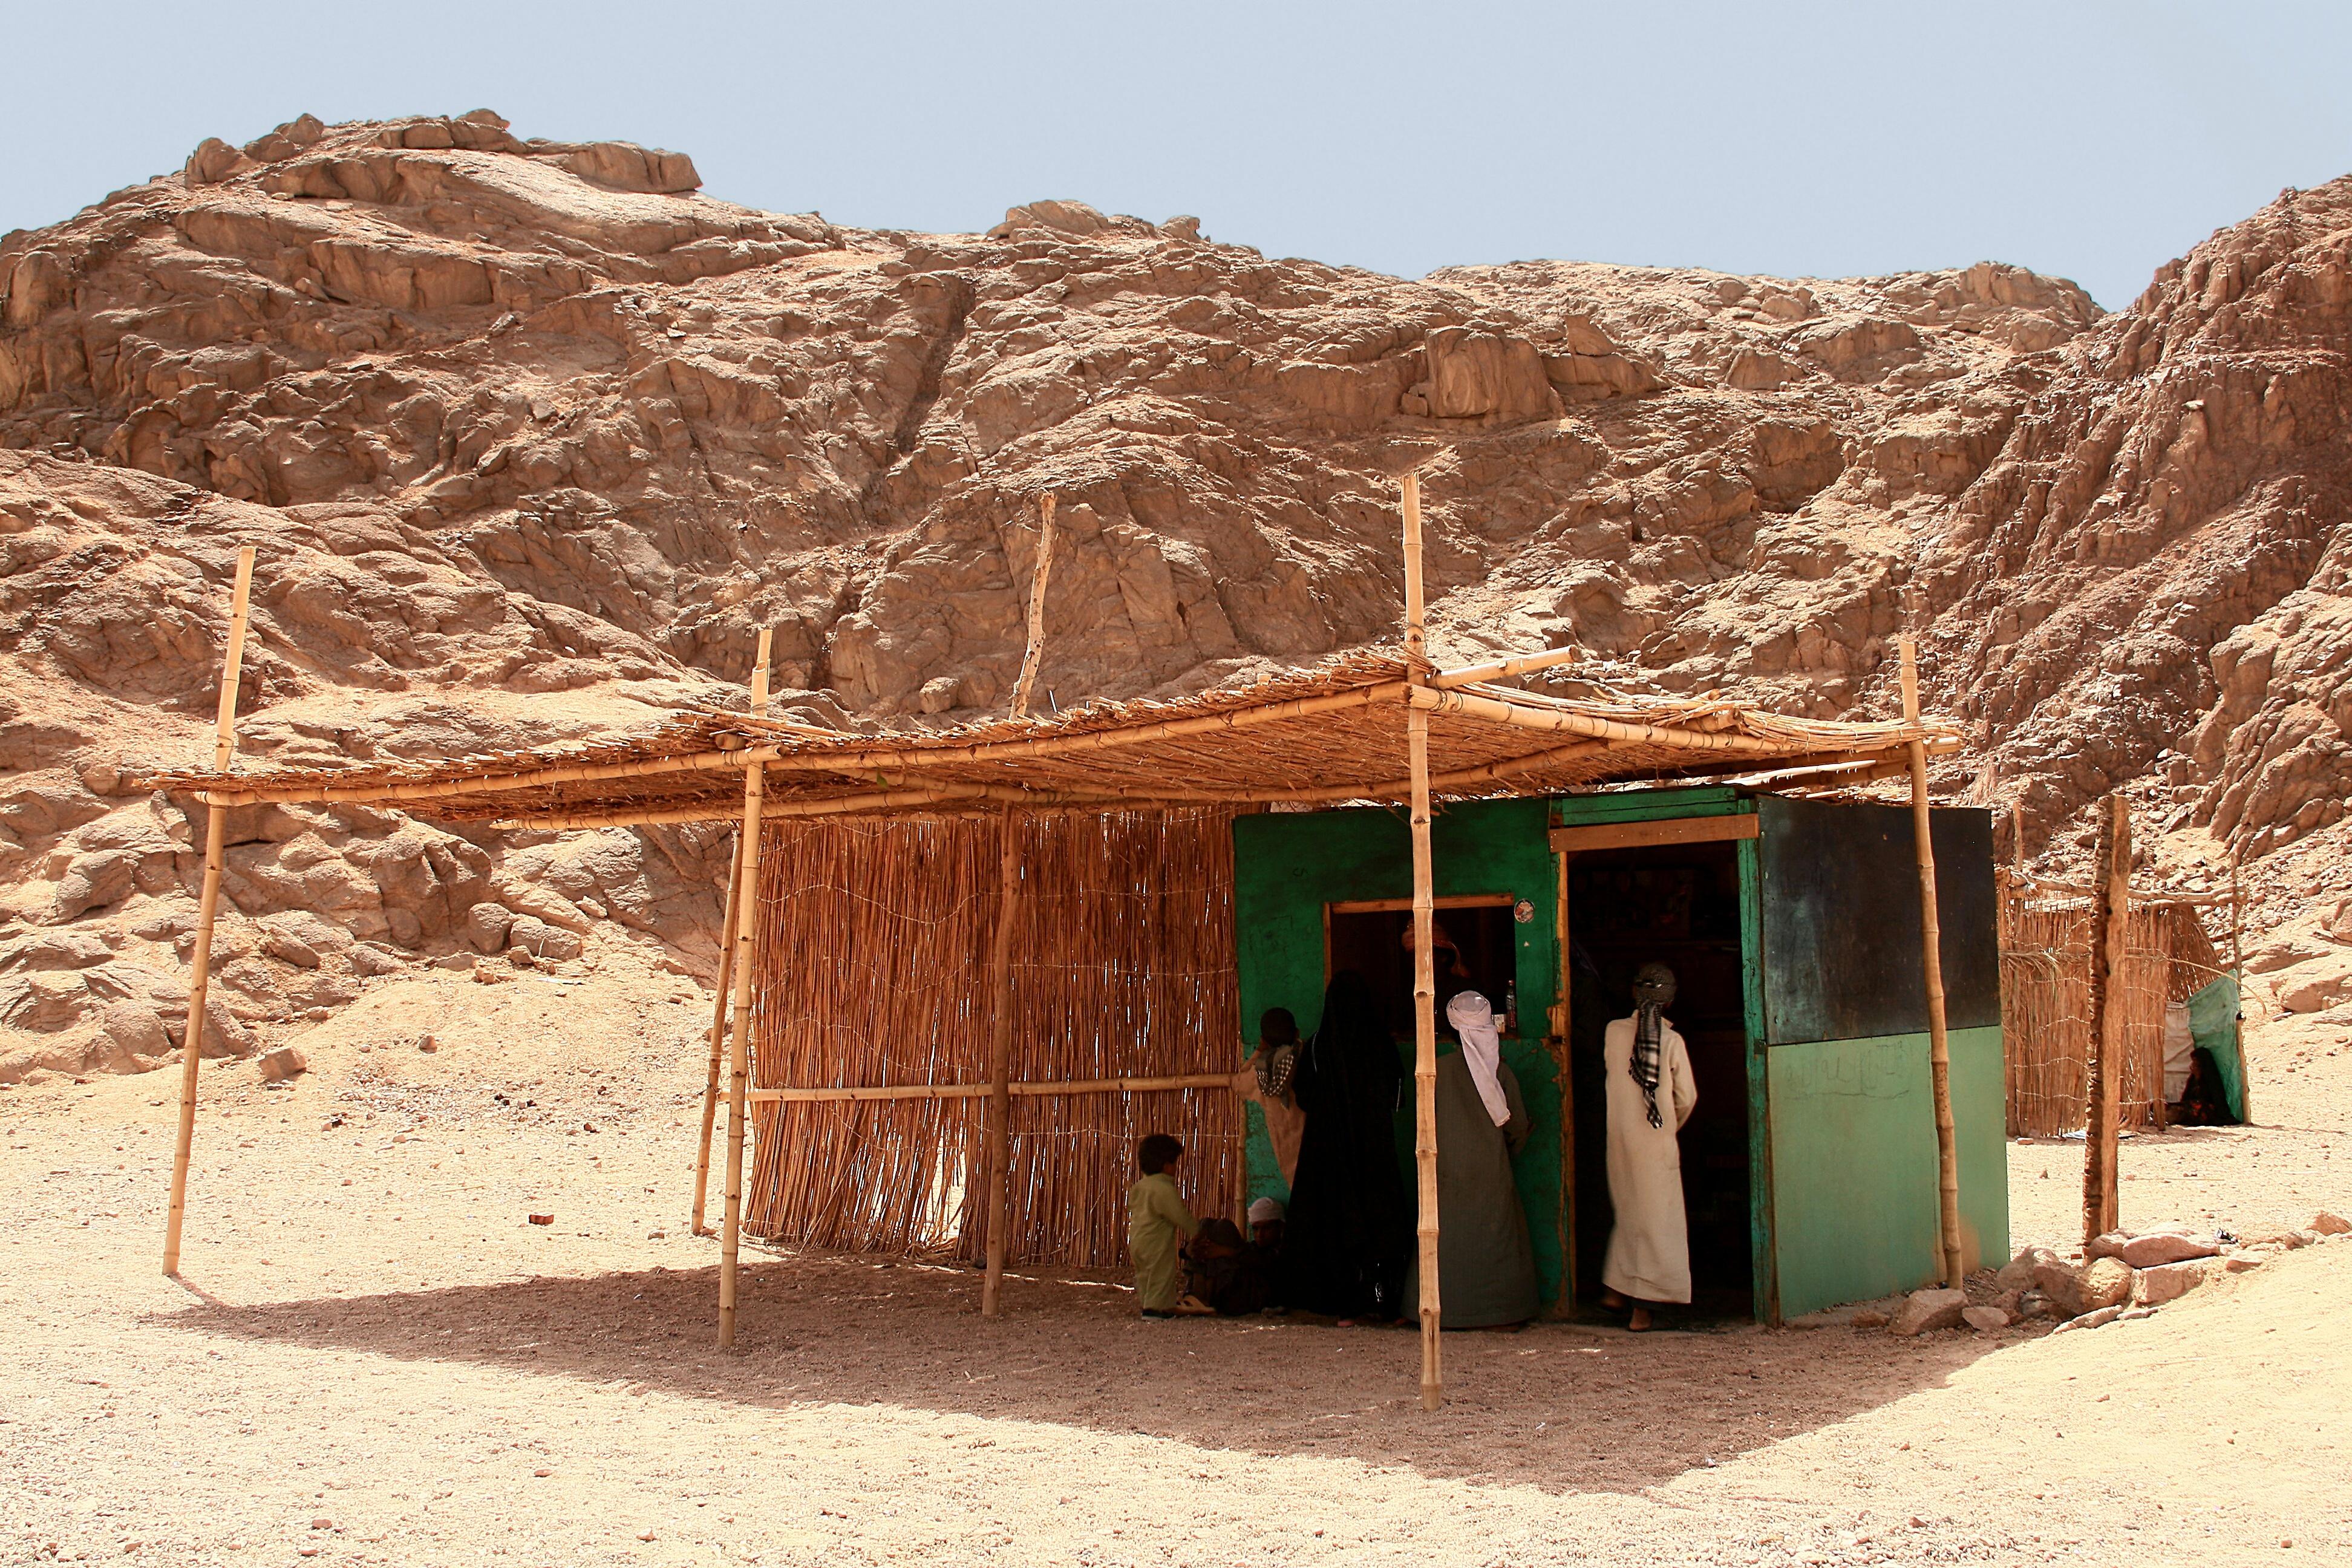 Store in the desert